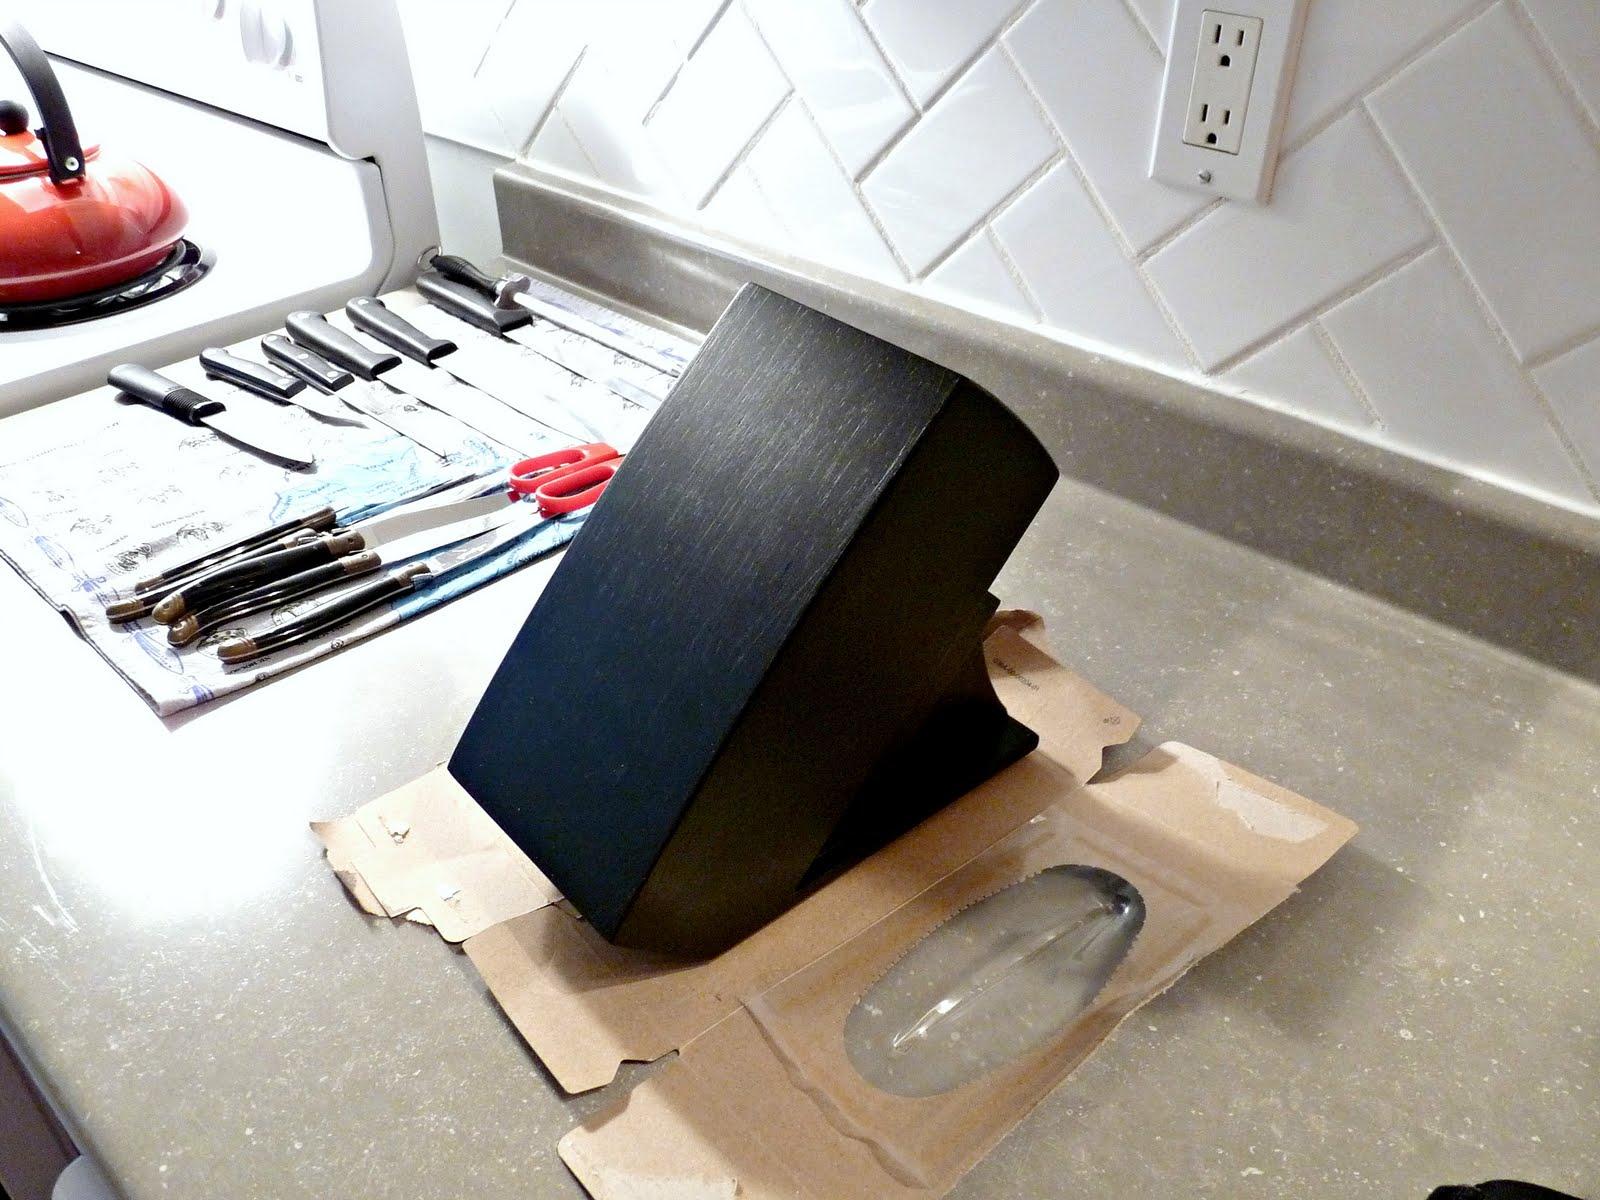 Chalkboard Knife Block